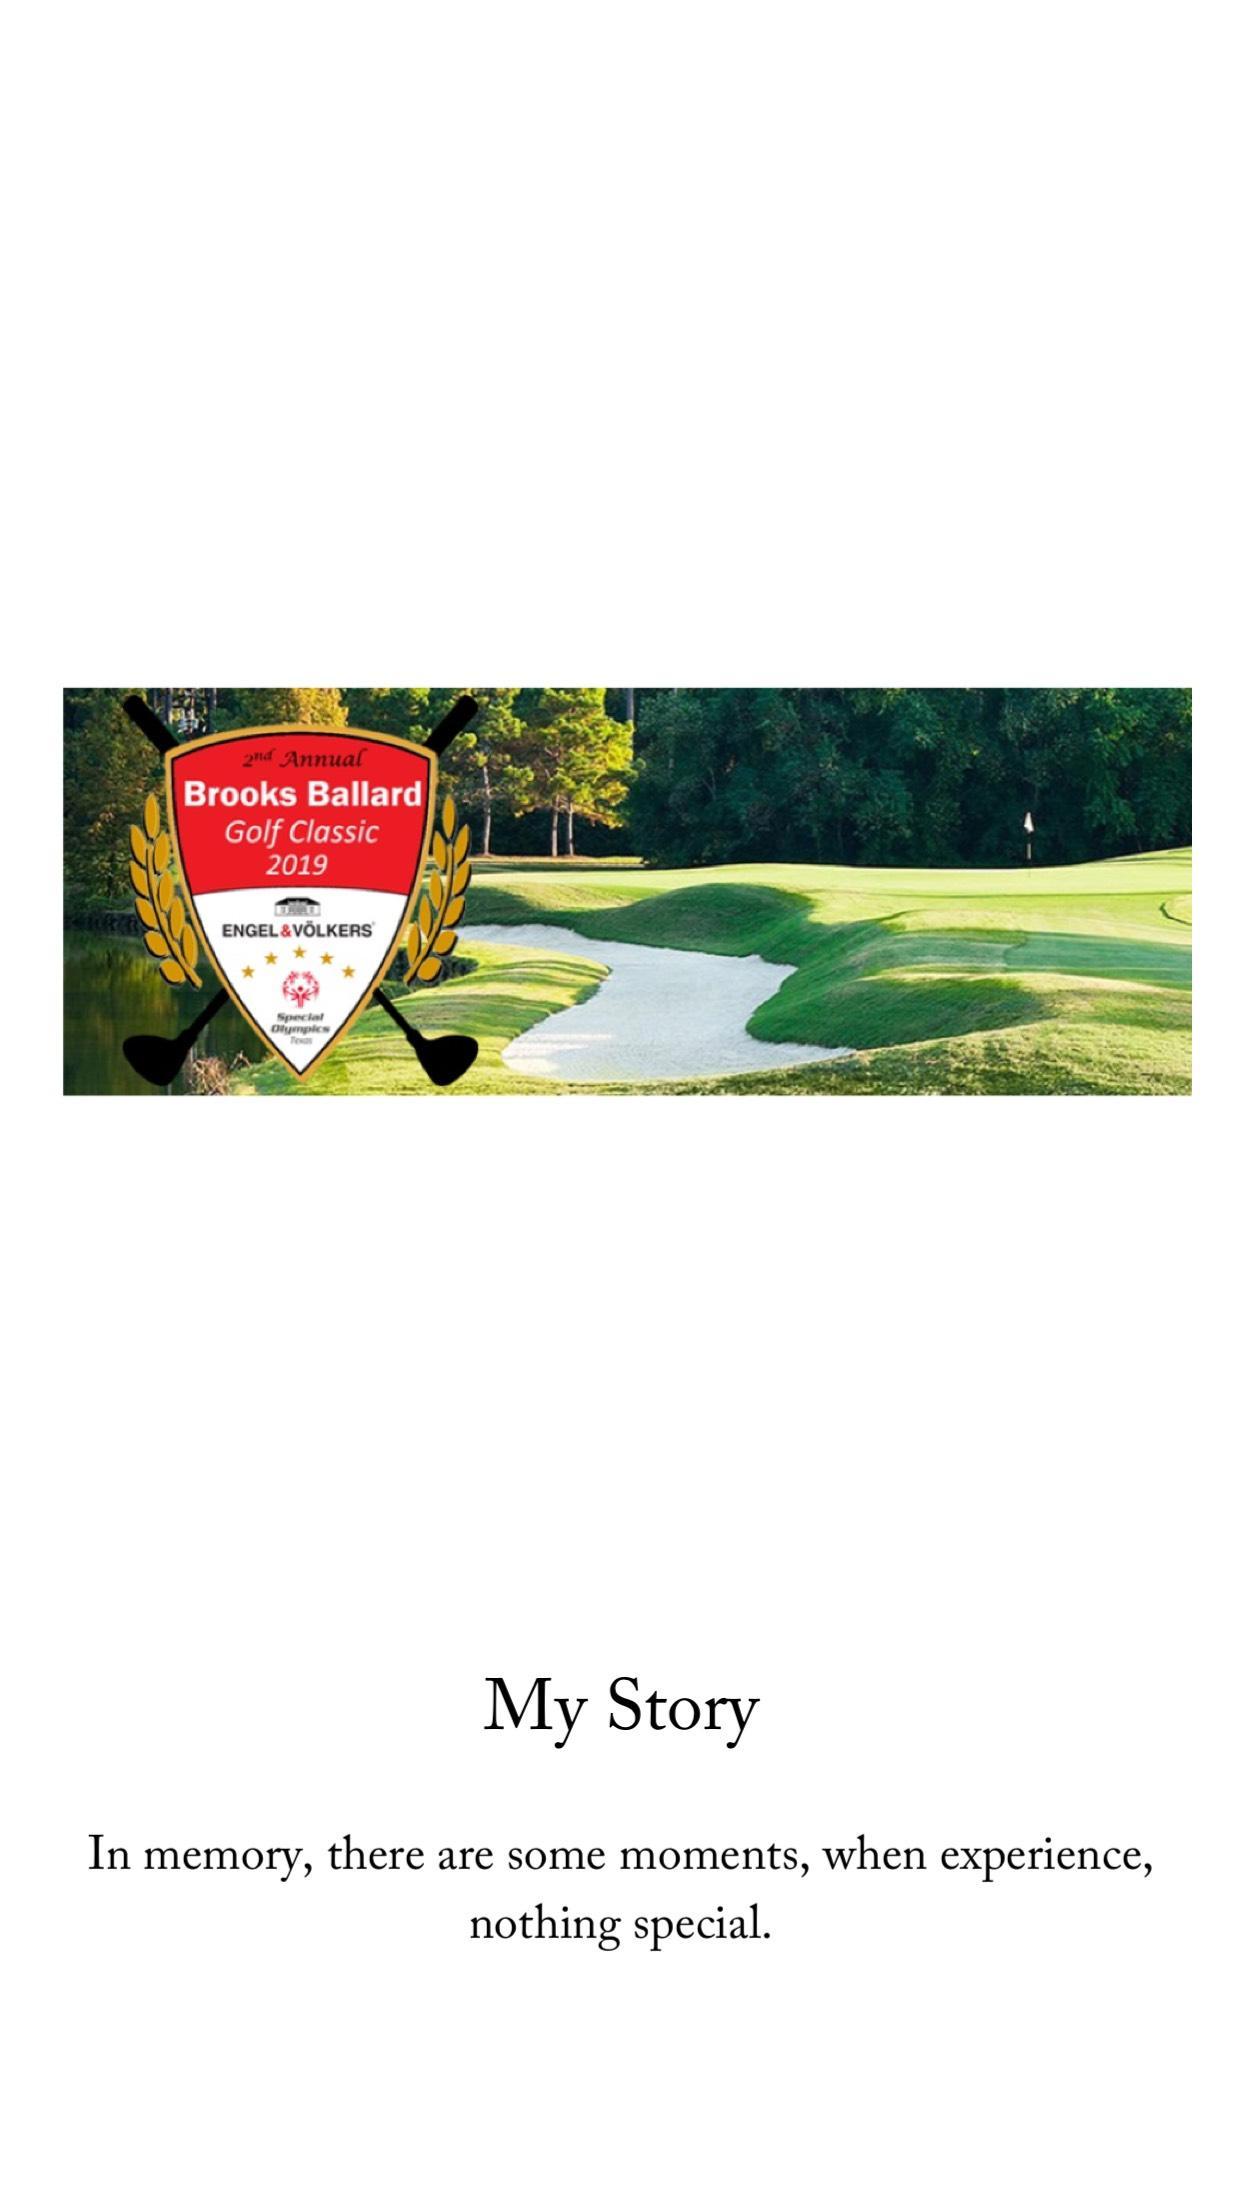 Brooks Ballard Golf Classic